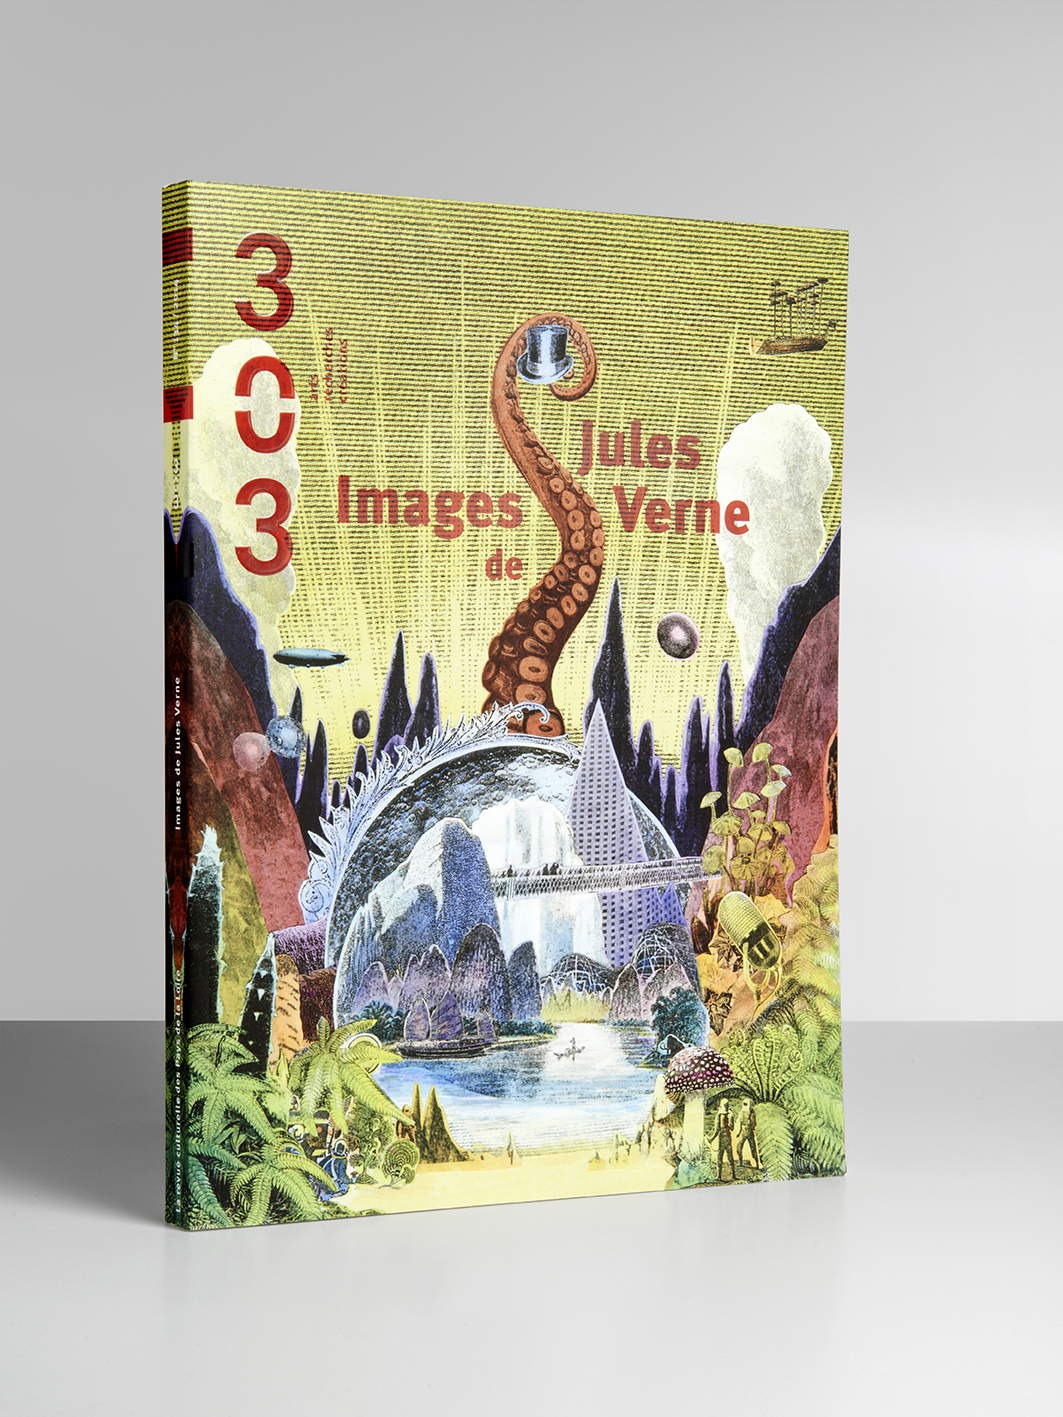 Revue 303_134_Images de Jules Verne